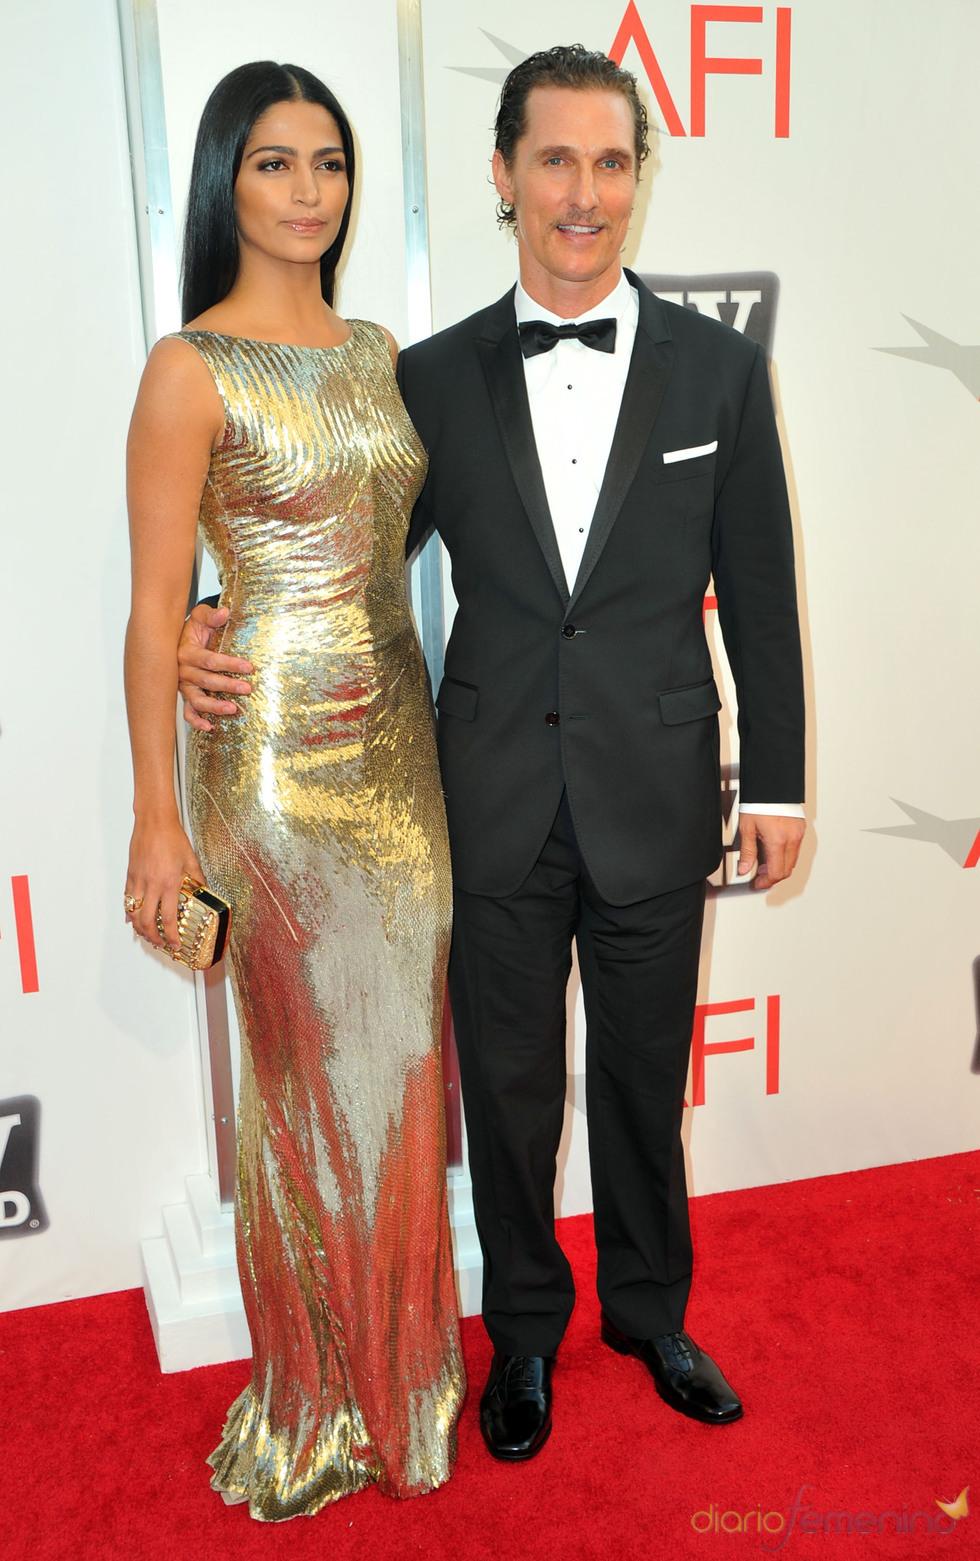 Camila Alves y Matthew McConaughey en los Premios AFI 2011